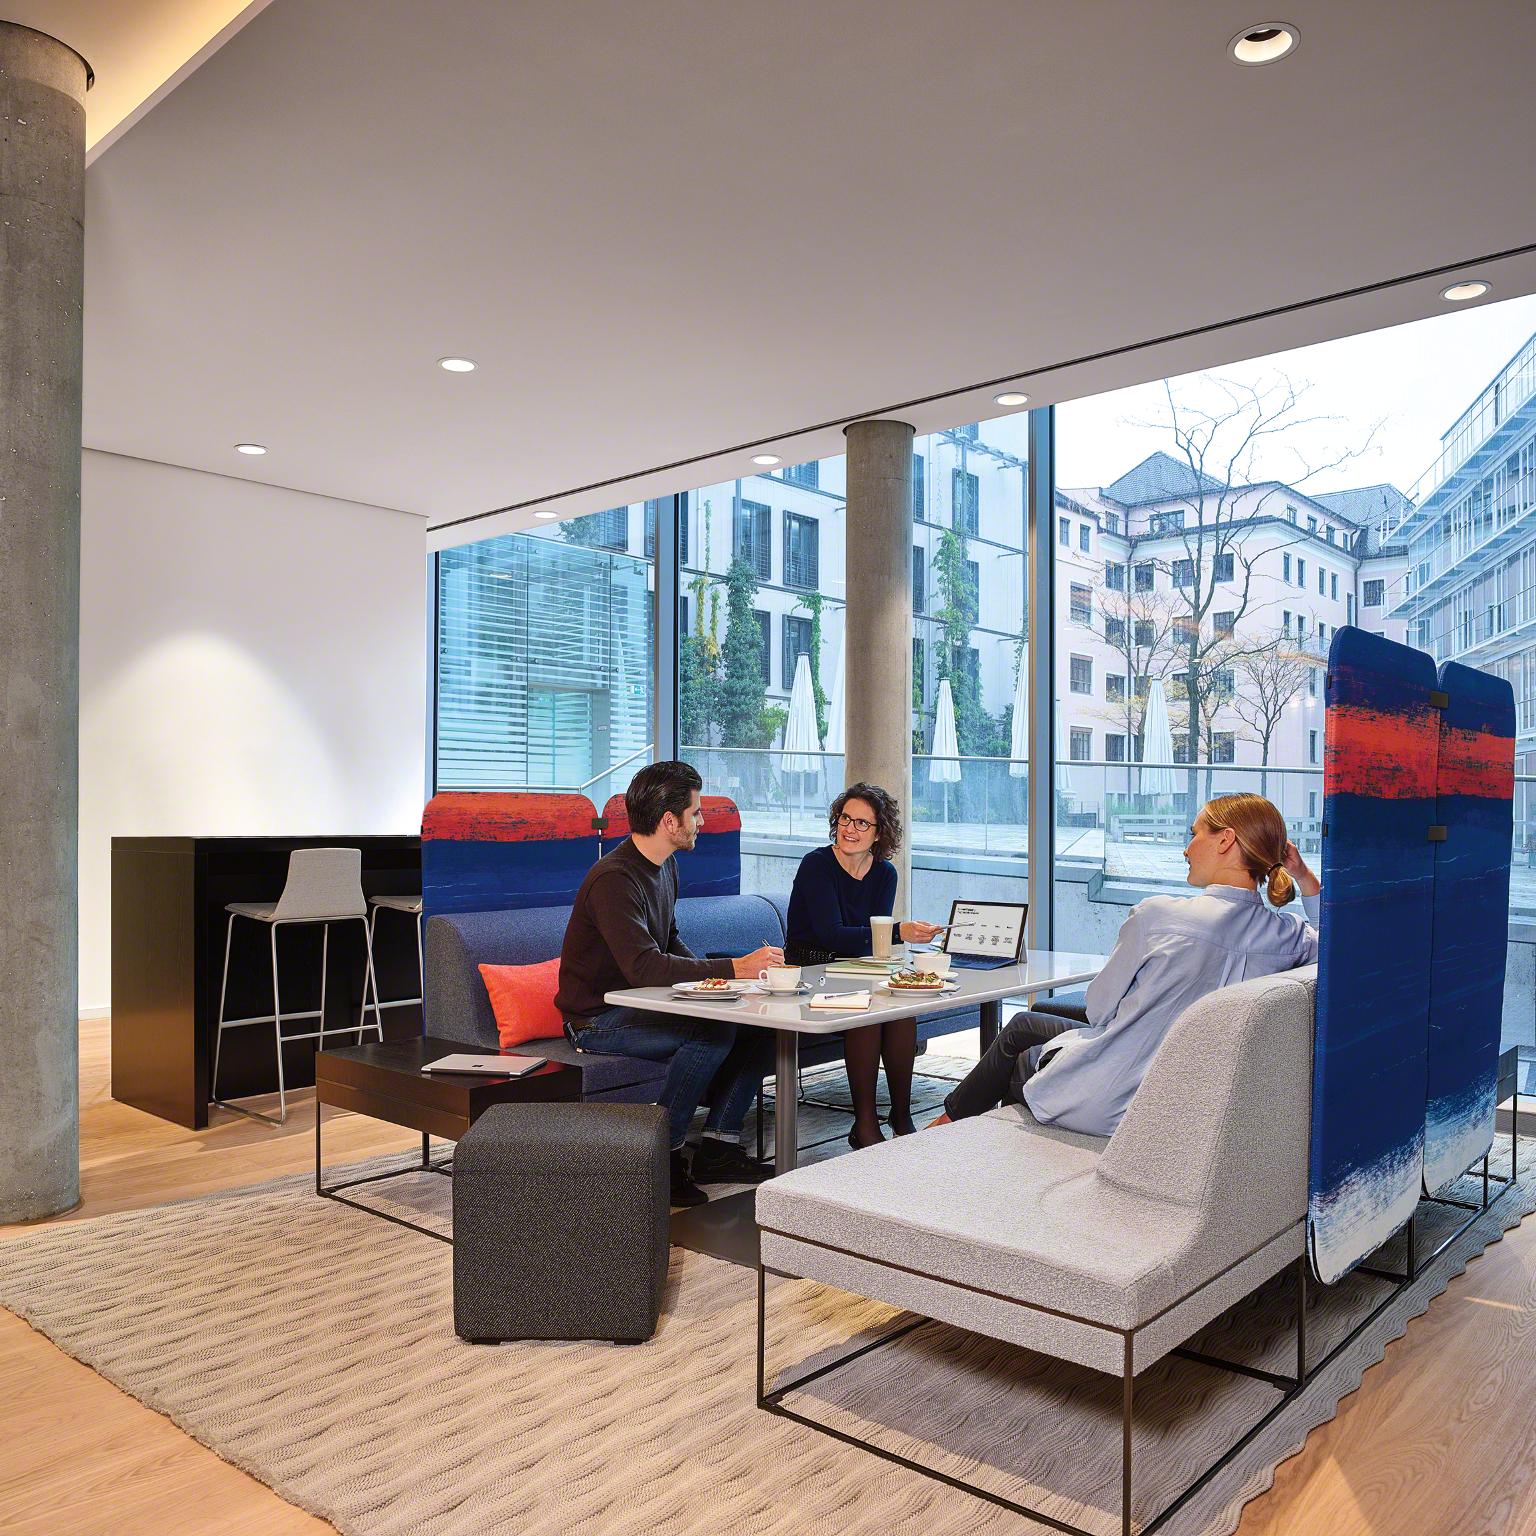 Les canapés, tables et écrans Umami offrent une variété infinie de configurations, de dimensions et d'options de matériaux. Son design flexible et moderne peut être utilisé pour créer des espaces uniques pour les entreprises et les individus qui y travaillent.